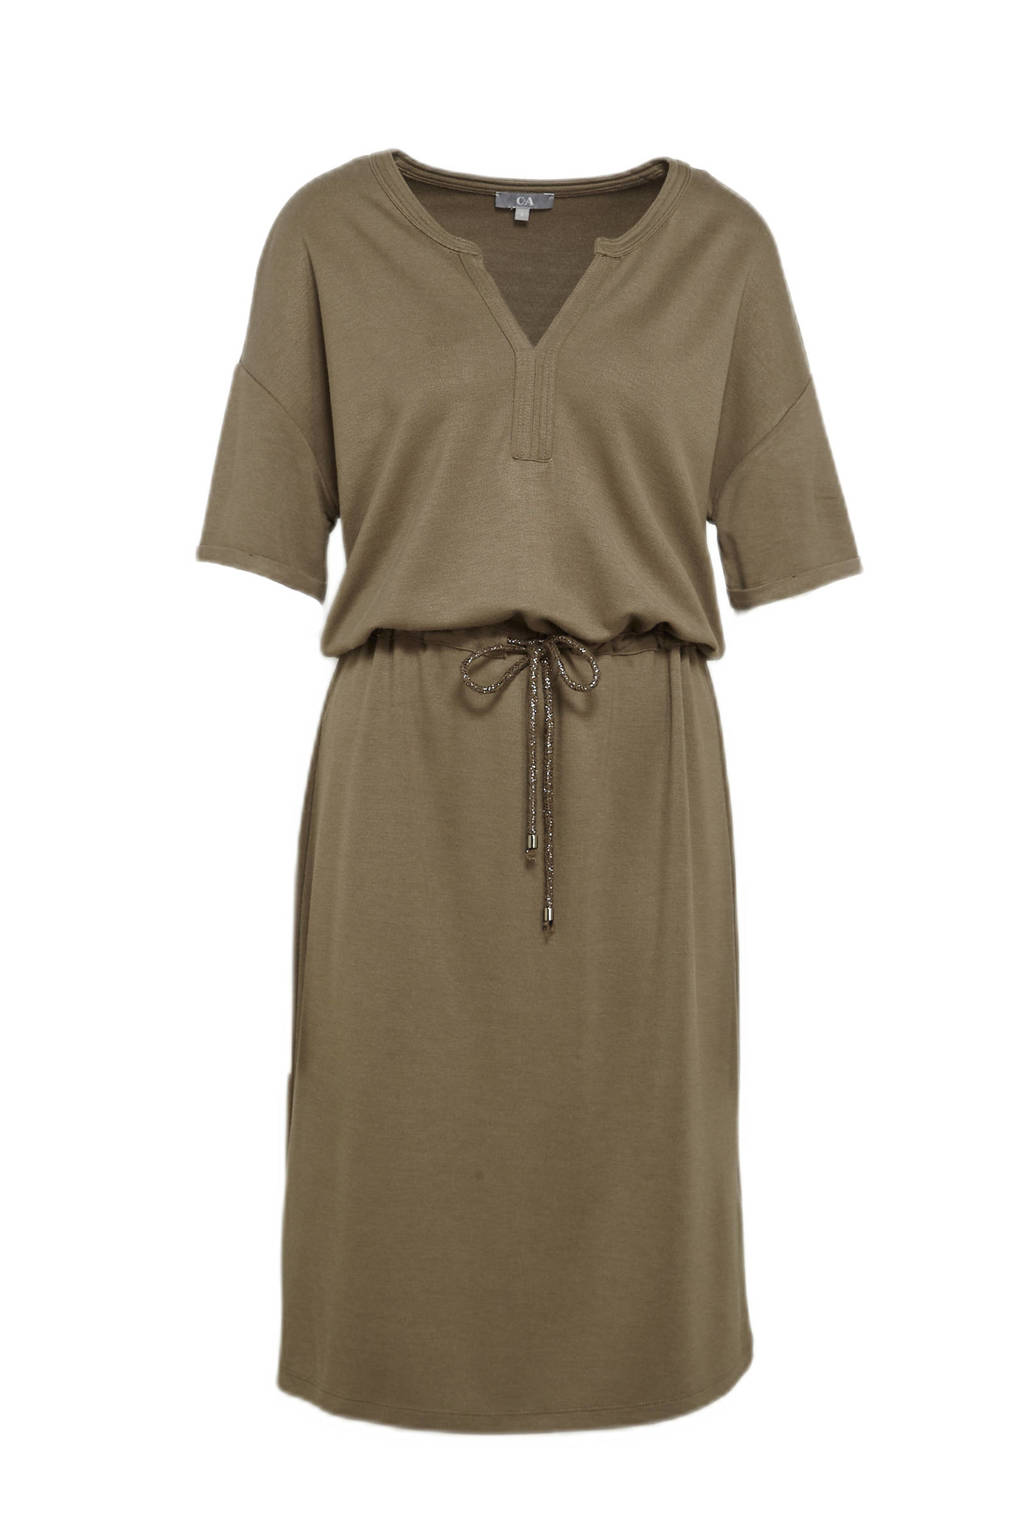 C&A jurk met glitters olijfgroen, Olijfgroen